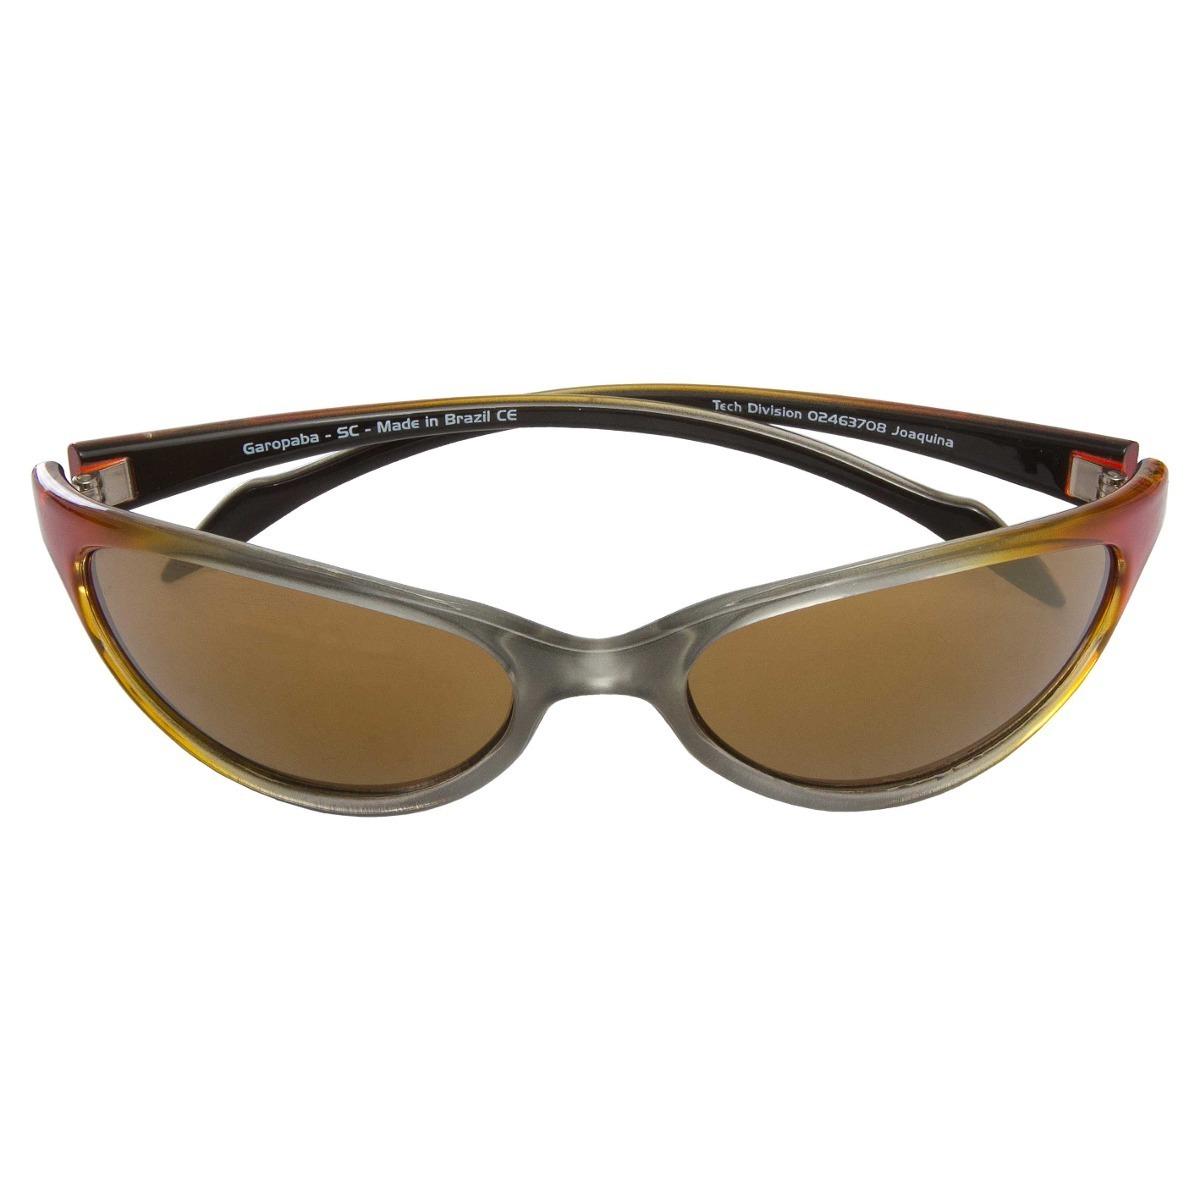 43d820016260a óculos de sol esportivo mormaii joaquina original nacional. Carregando zoom.